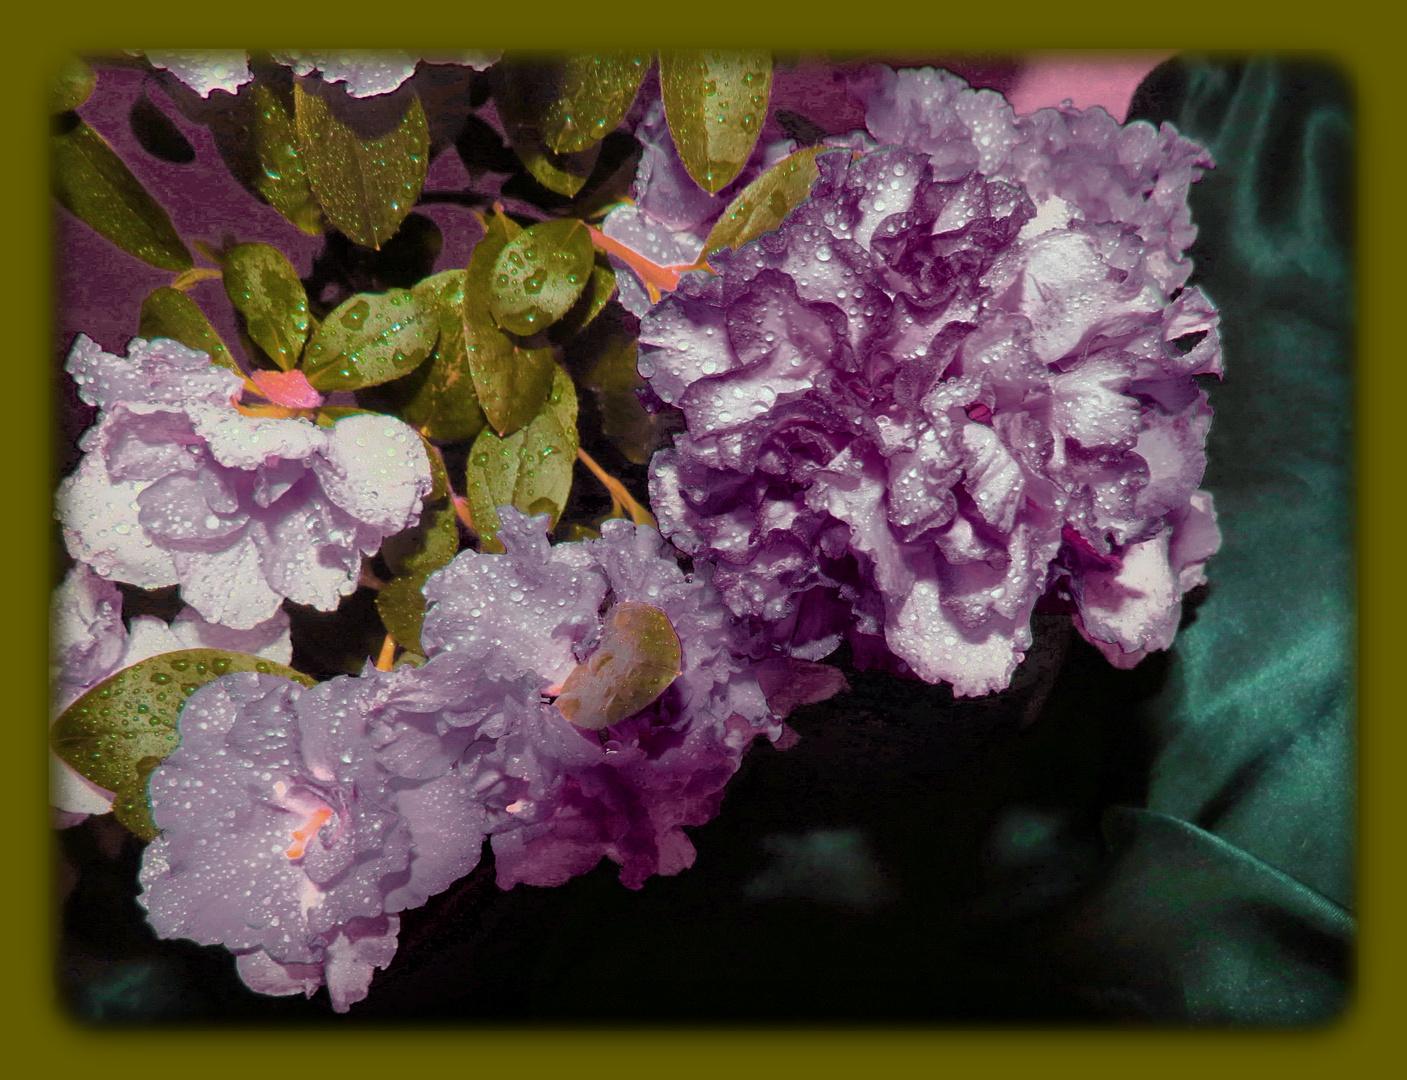 ...waren meine Ostern - Lieblinge, Rhododendron